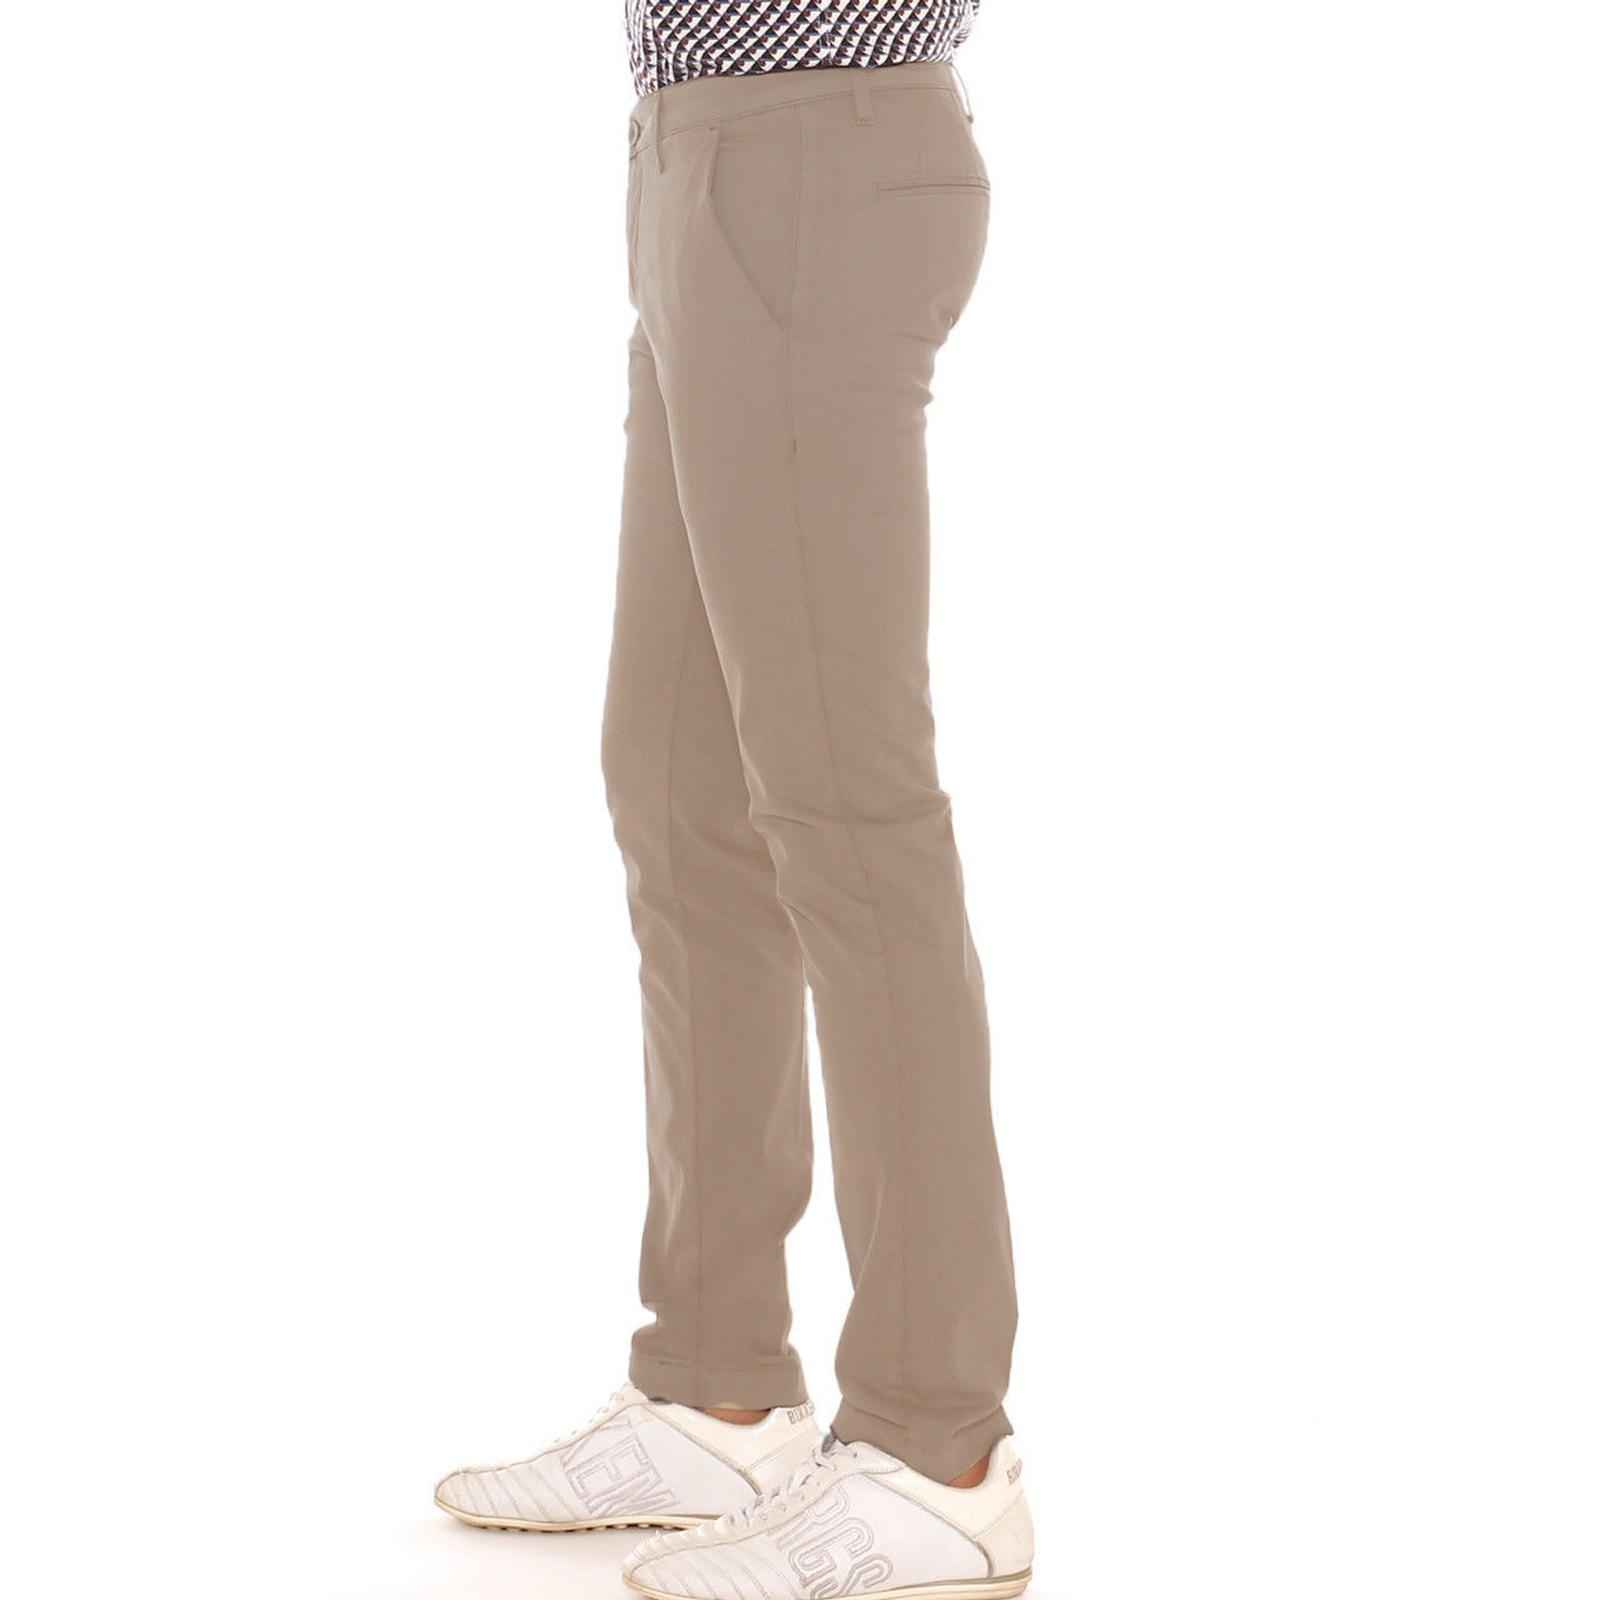 Pantalone-Uomo-Chino-Invernale-Elegante-america-Cotone-Leggeri-Inverno-slim miniatura 26